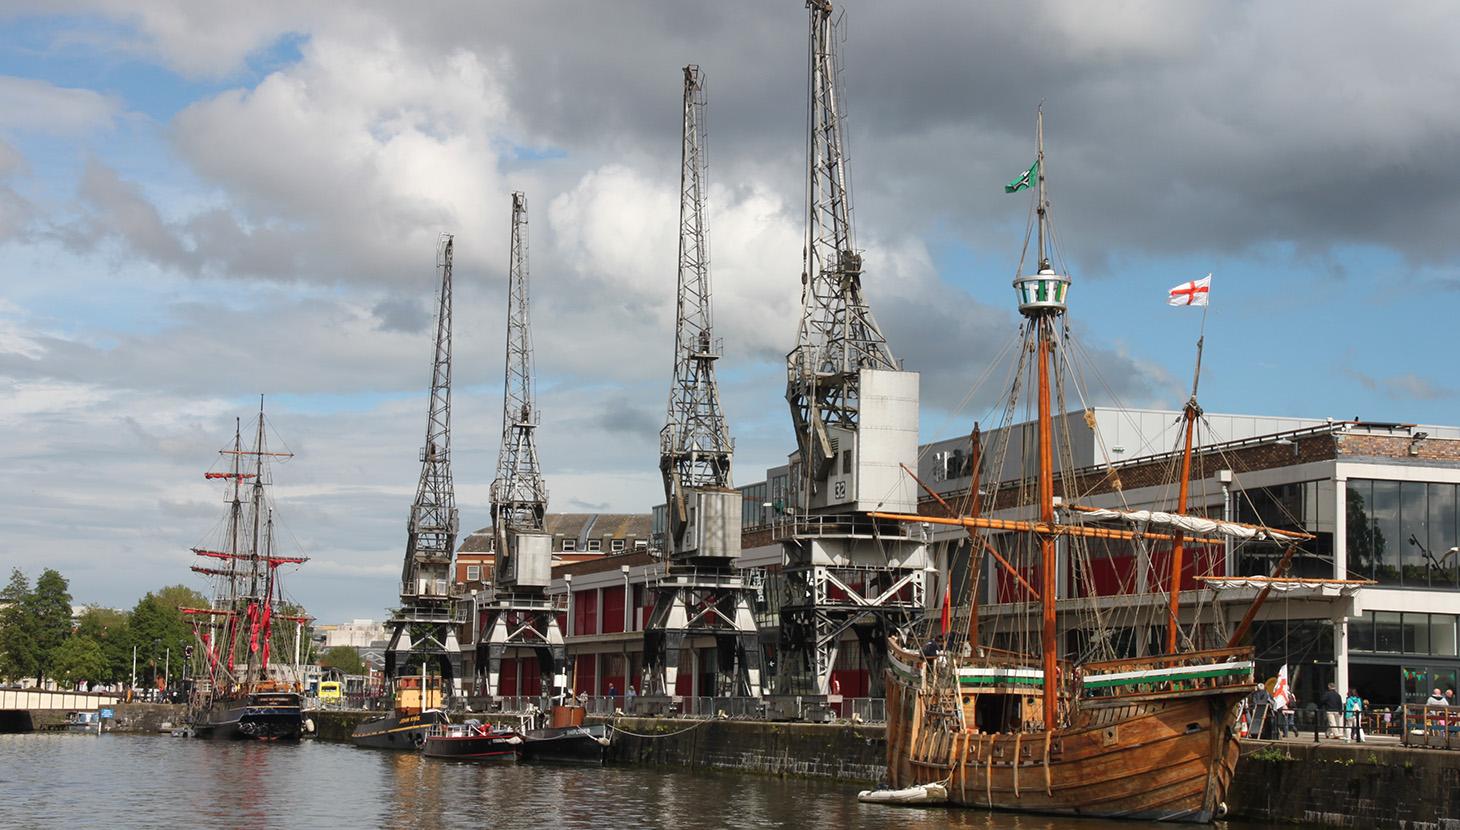 bristol-harbour-aou